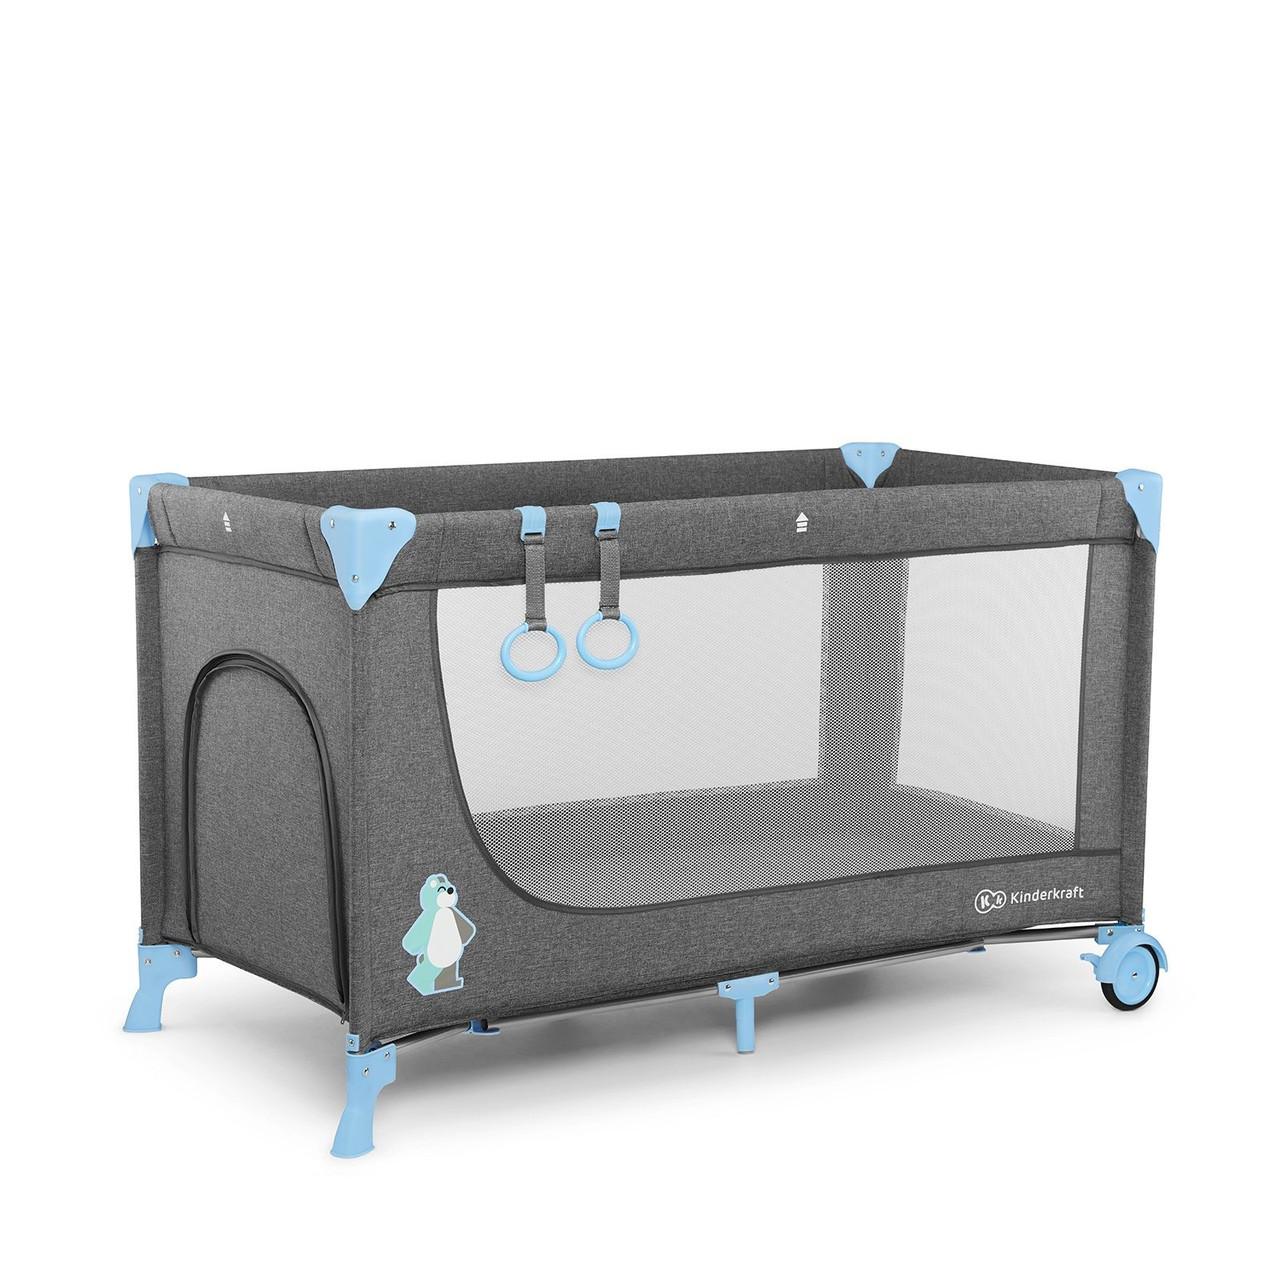 Детский большой манеж-кровать Kinderkraft Joy blue